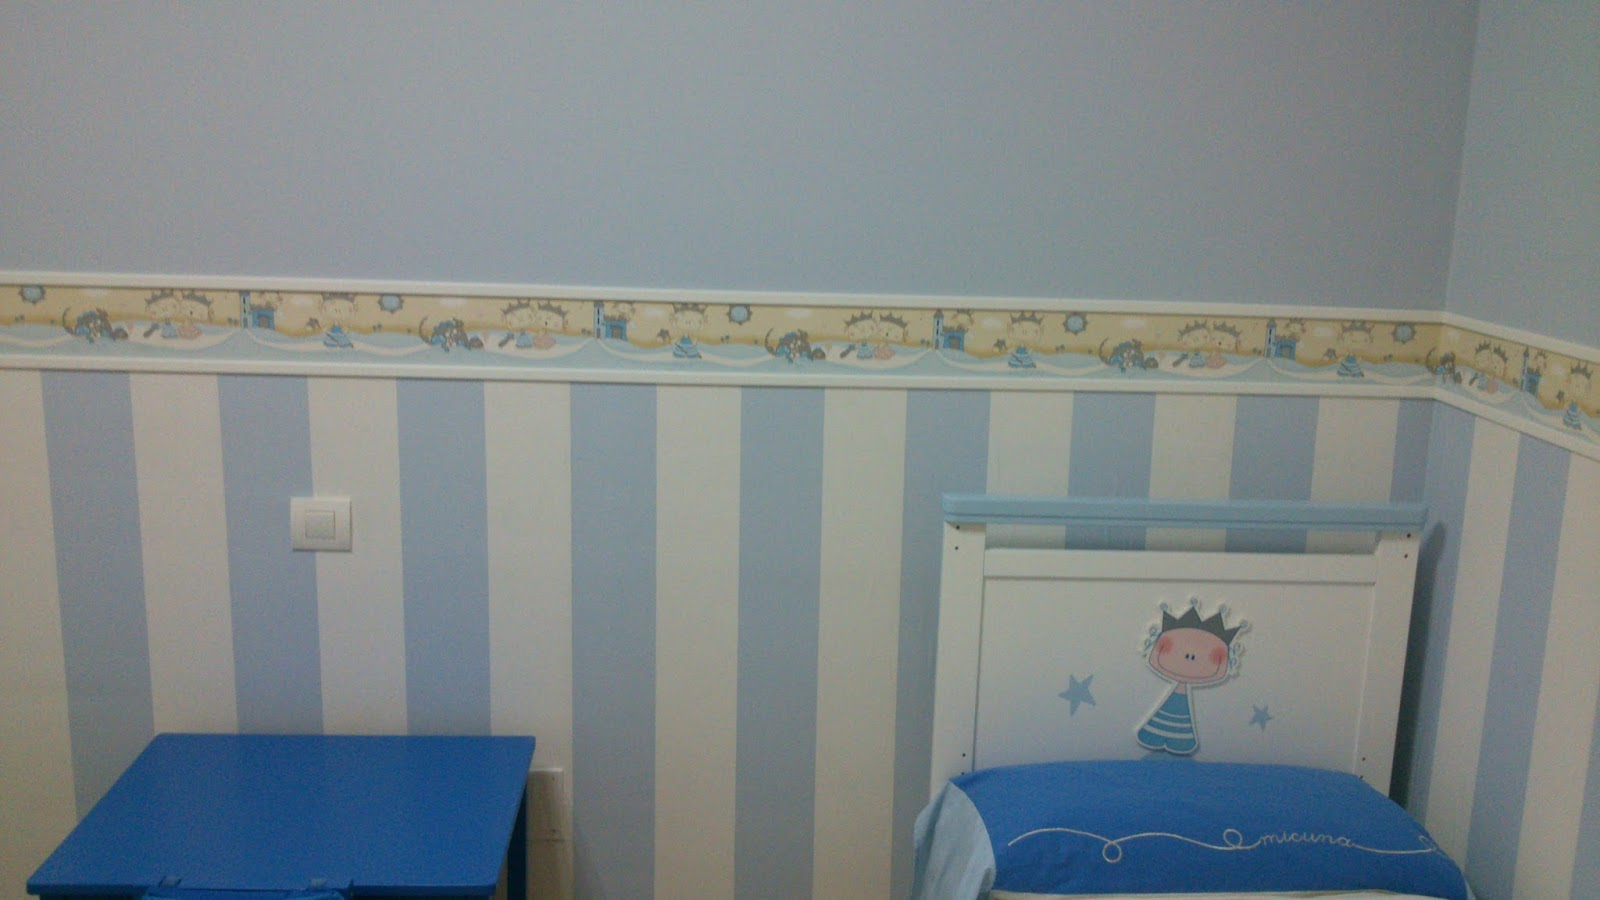 A y a pintura y decoraci n c mo transformar una habitaci n de ni o normal en una habitaci n de - Pintura habitacion ninos ...